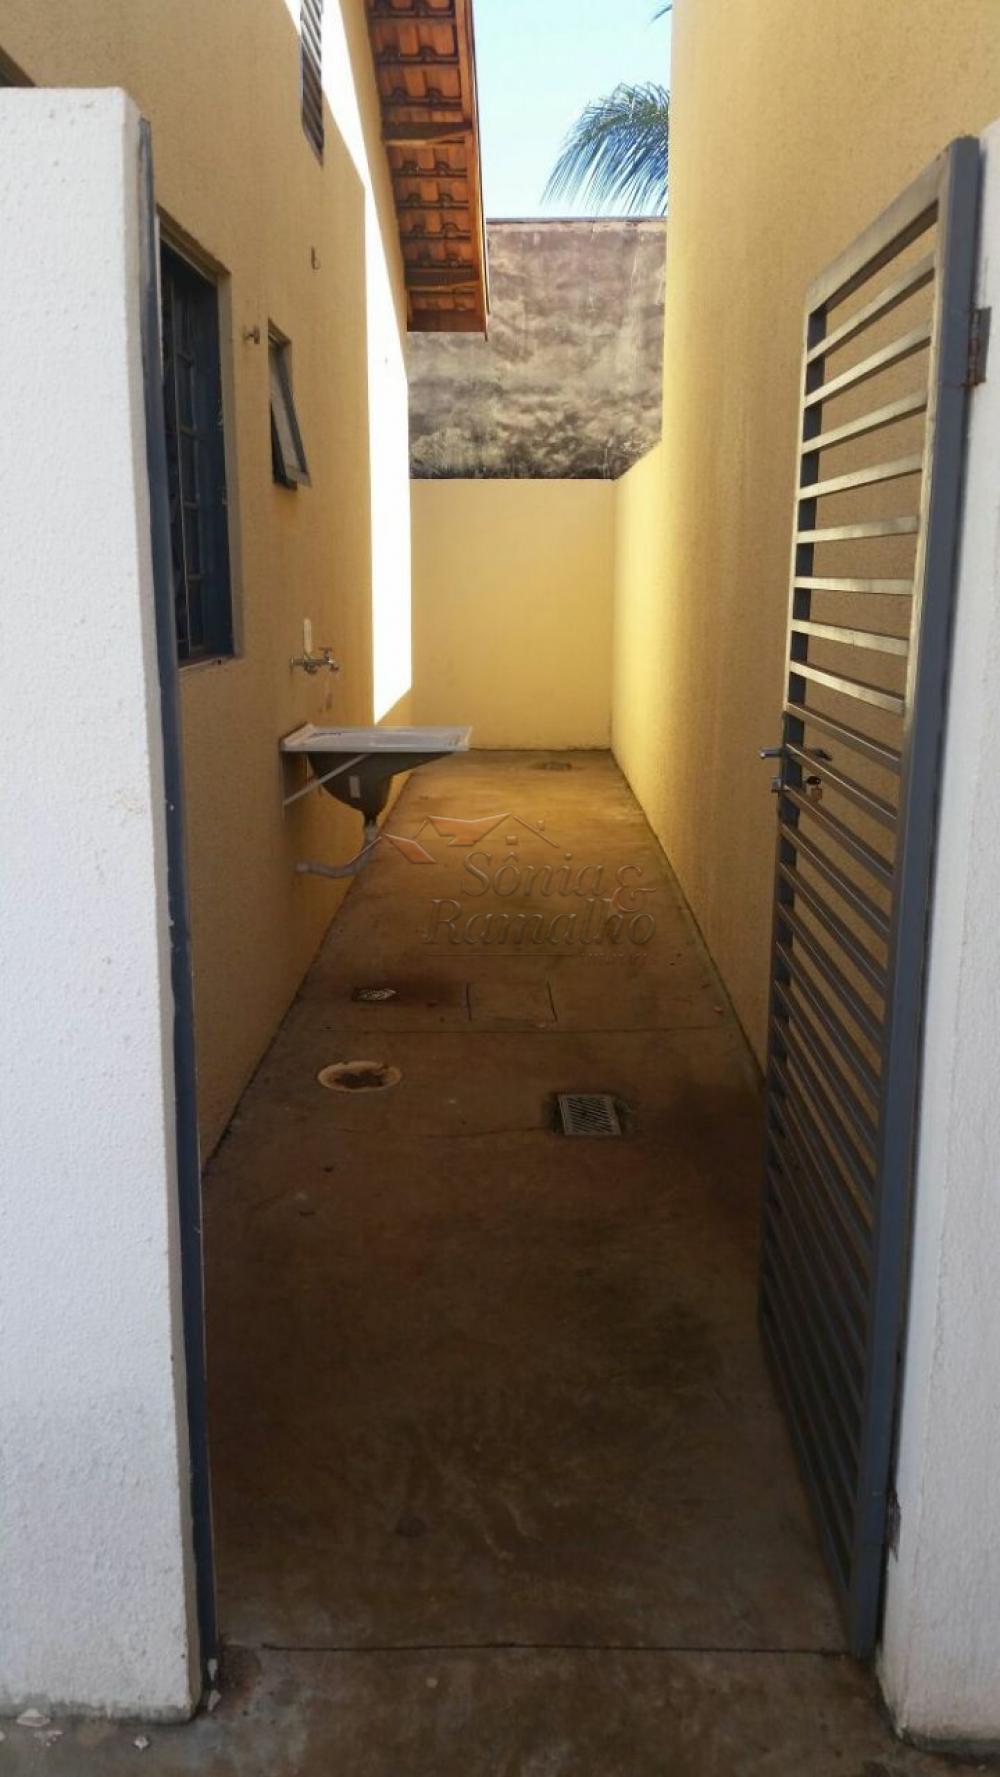 Alugar Casas / Condomínio em Ribeirão Preto apenas R$ 850,00 - Foto 20